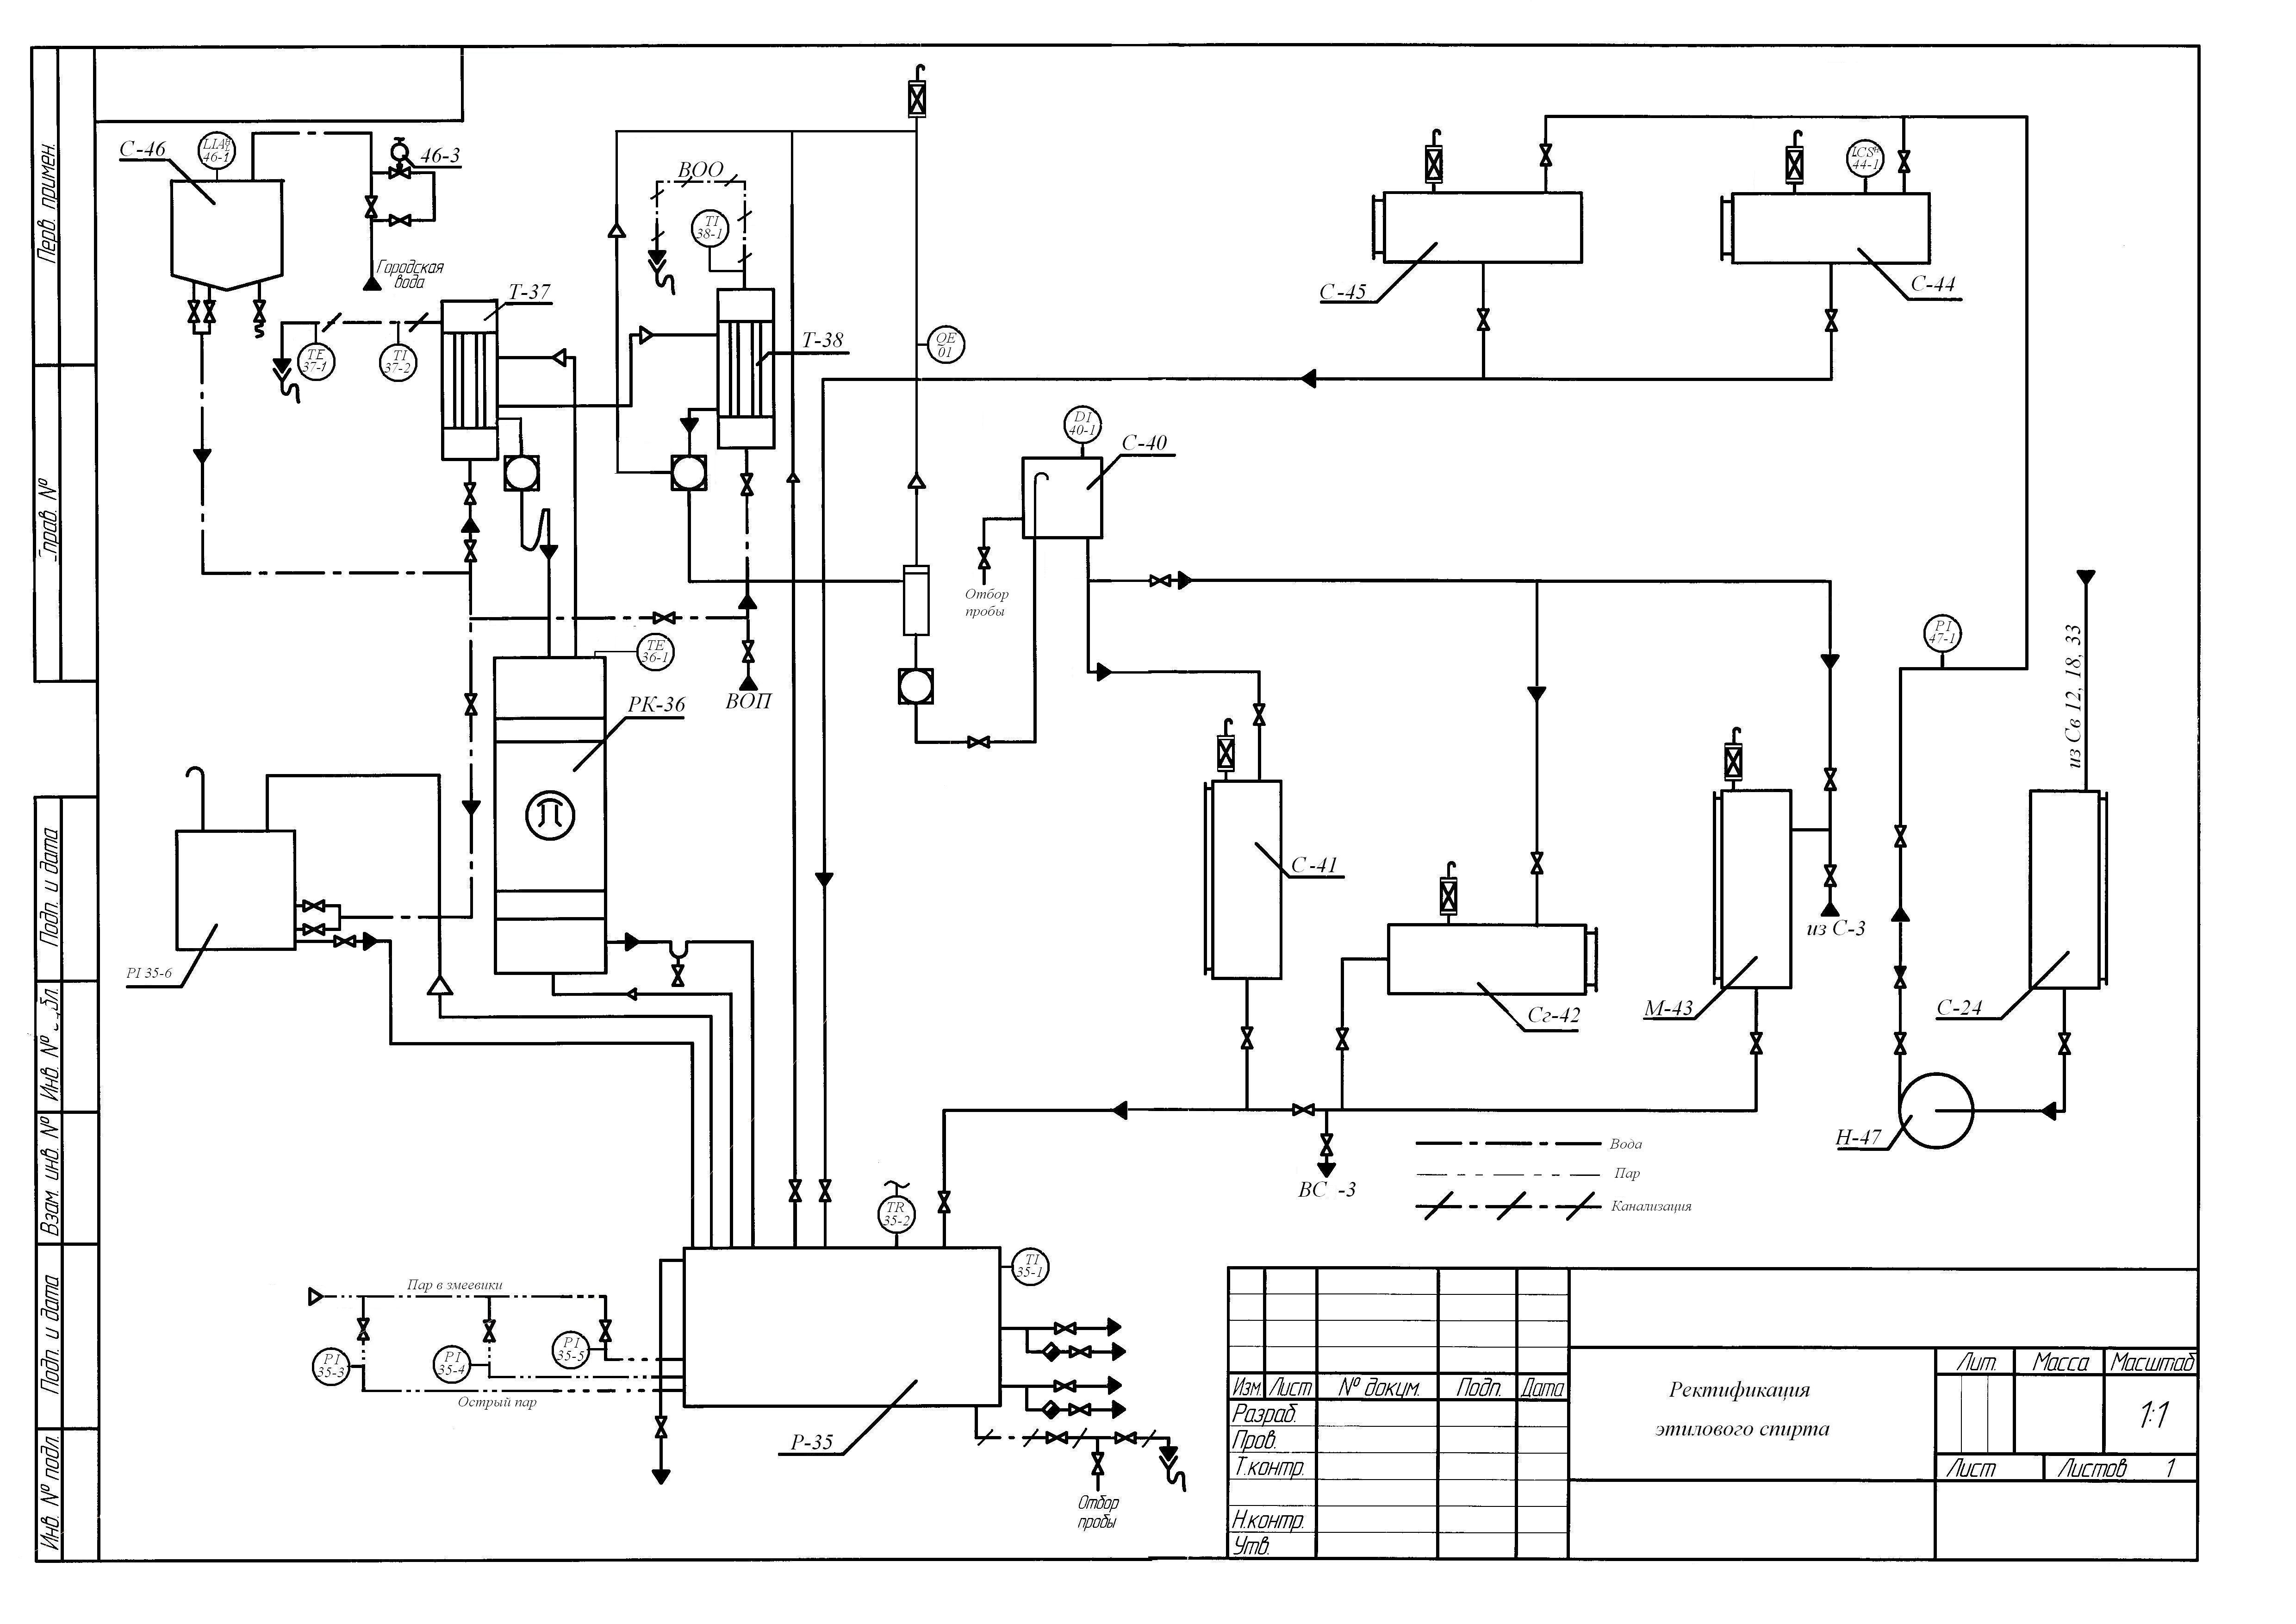 Отчет по общеинженерной практике на химических производствах Отчет по общеинженерной практике на химических производствах Схемы установок Схема установки для ректификации этилового спирта